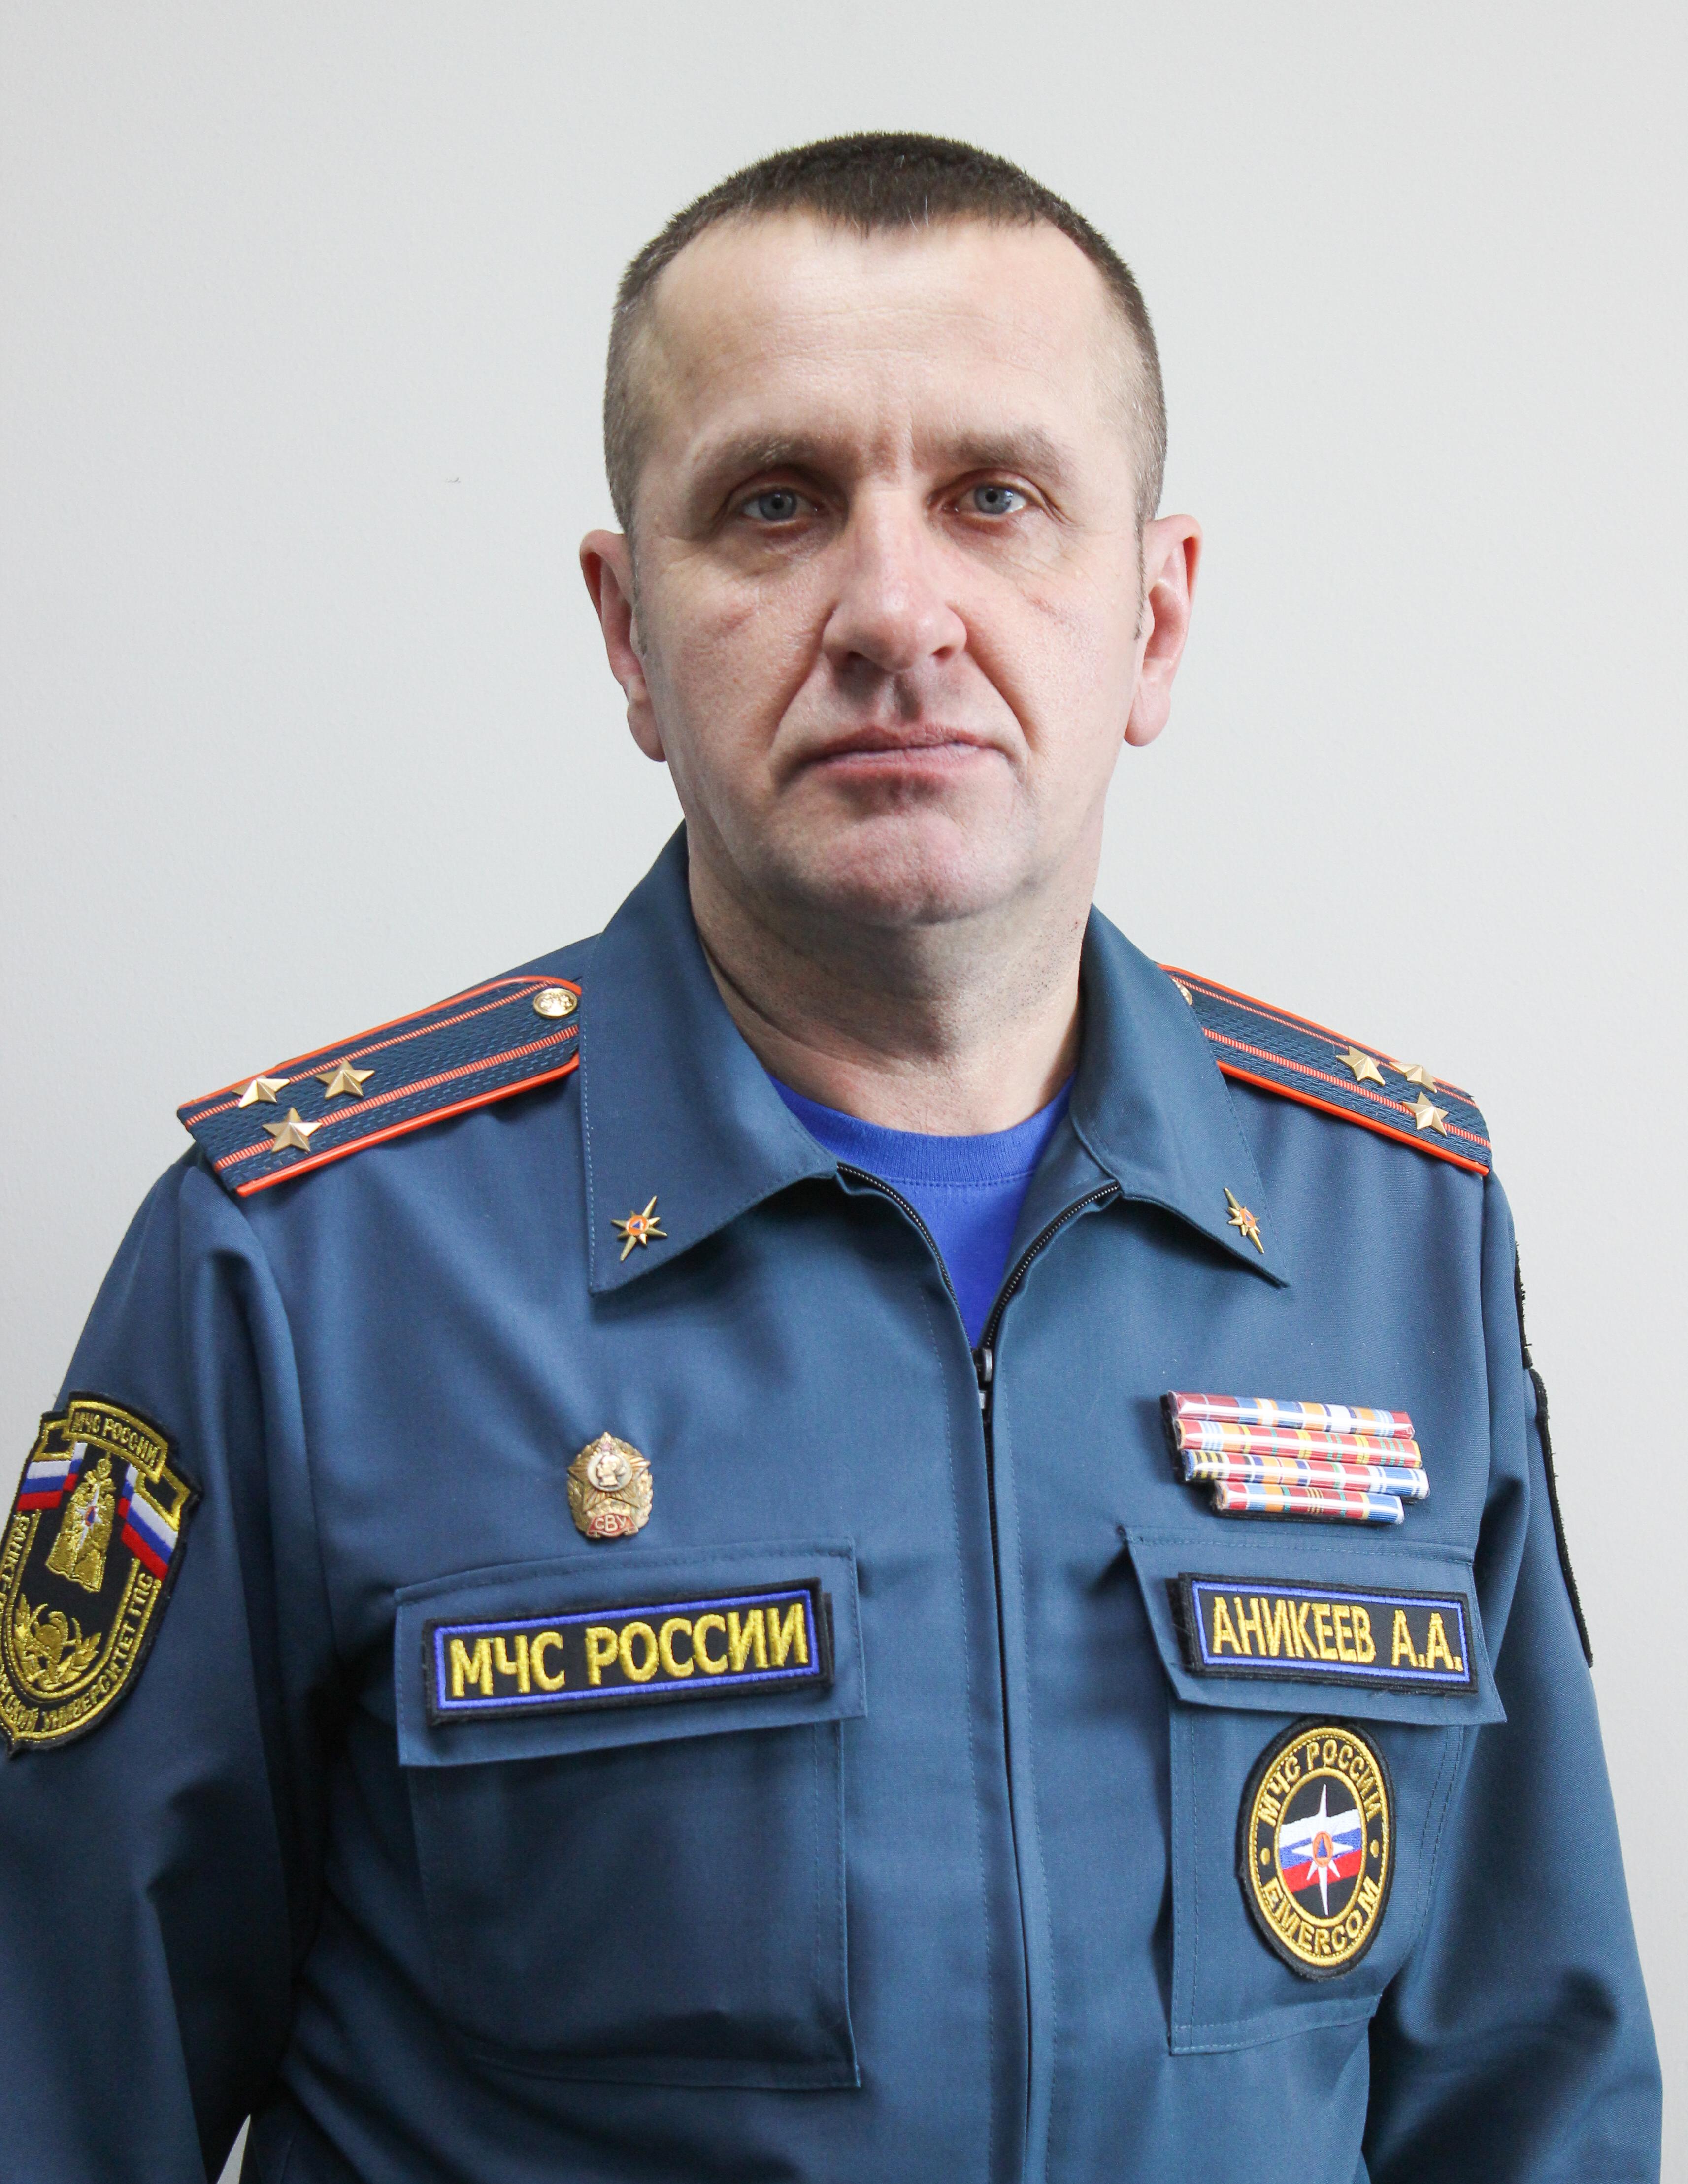 Аникеев Алексей Алексеевич